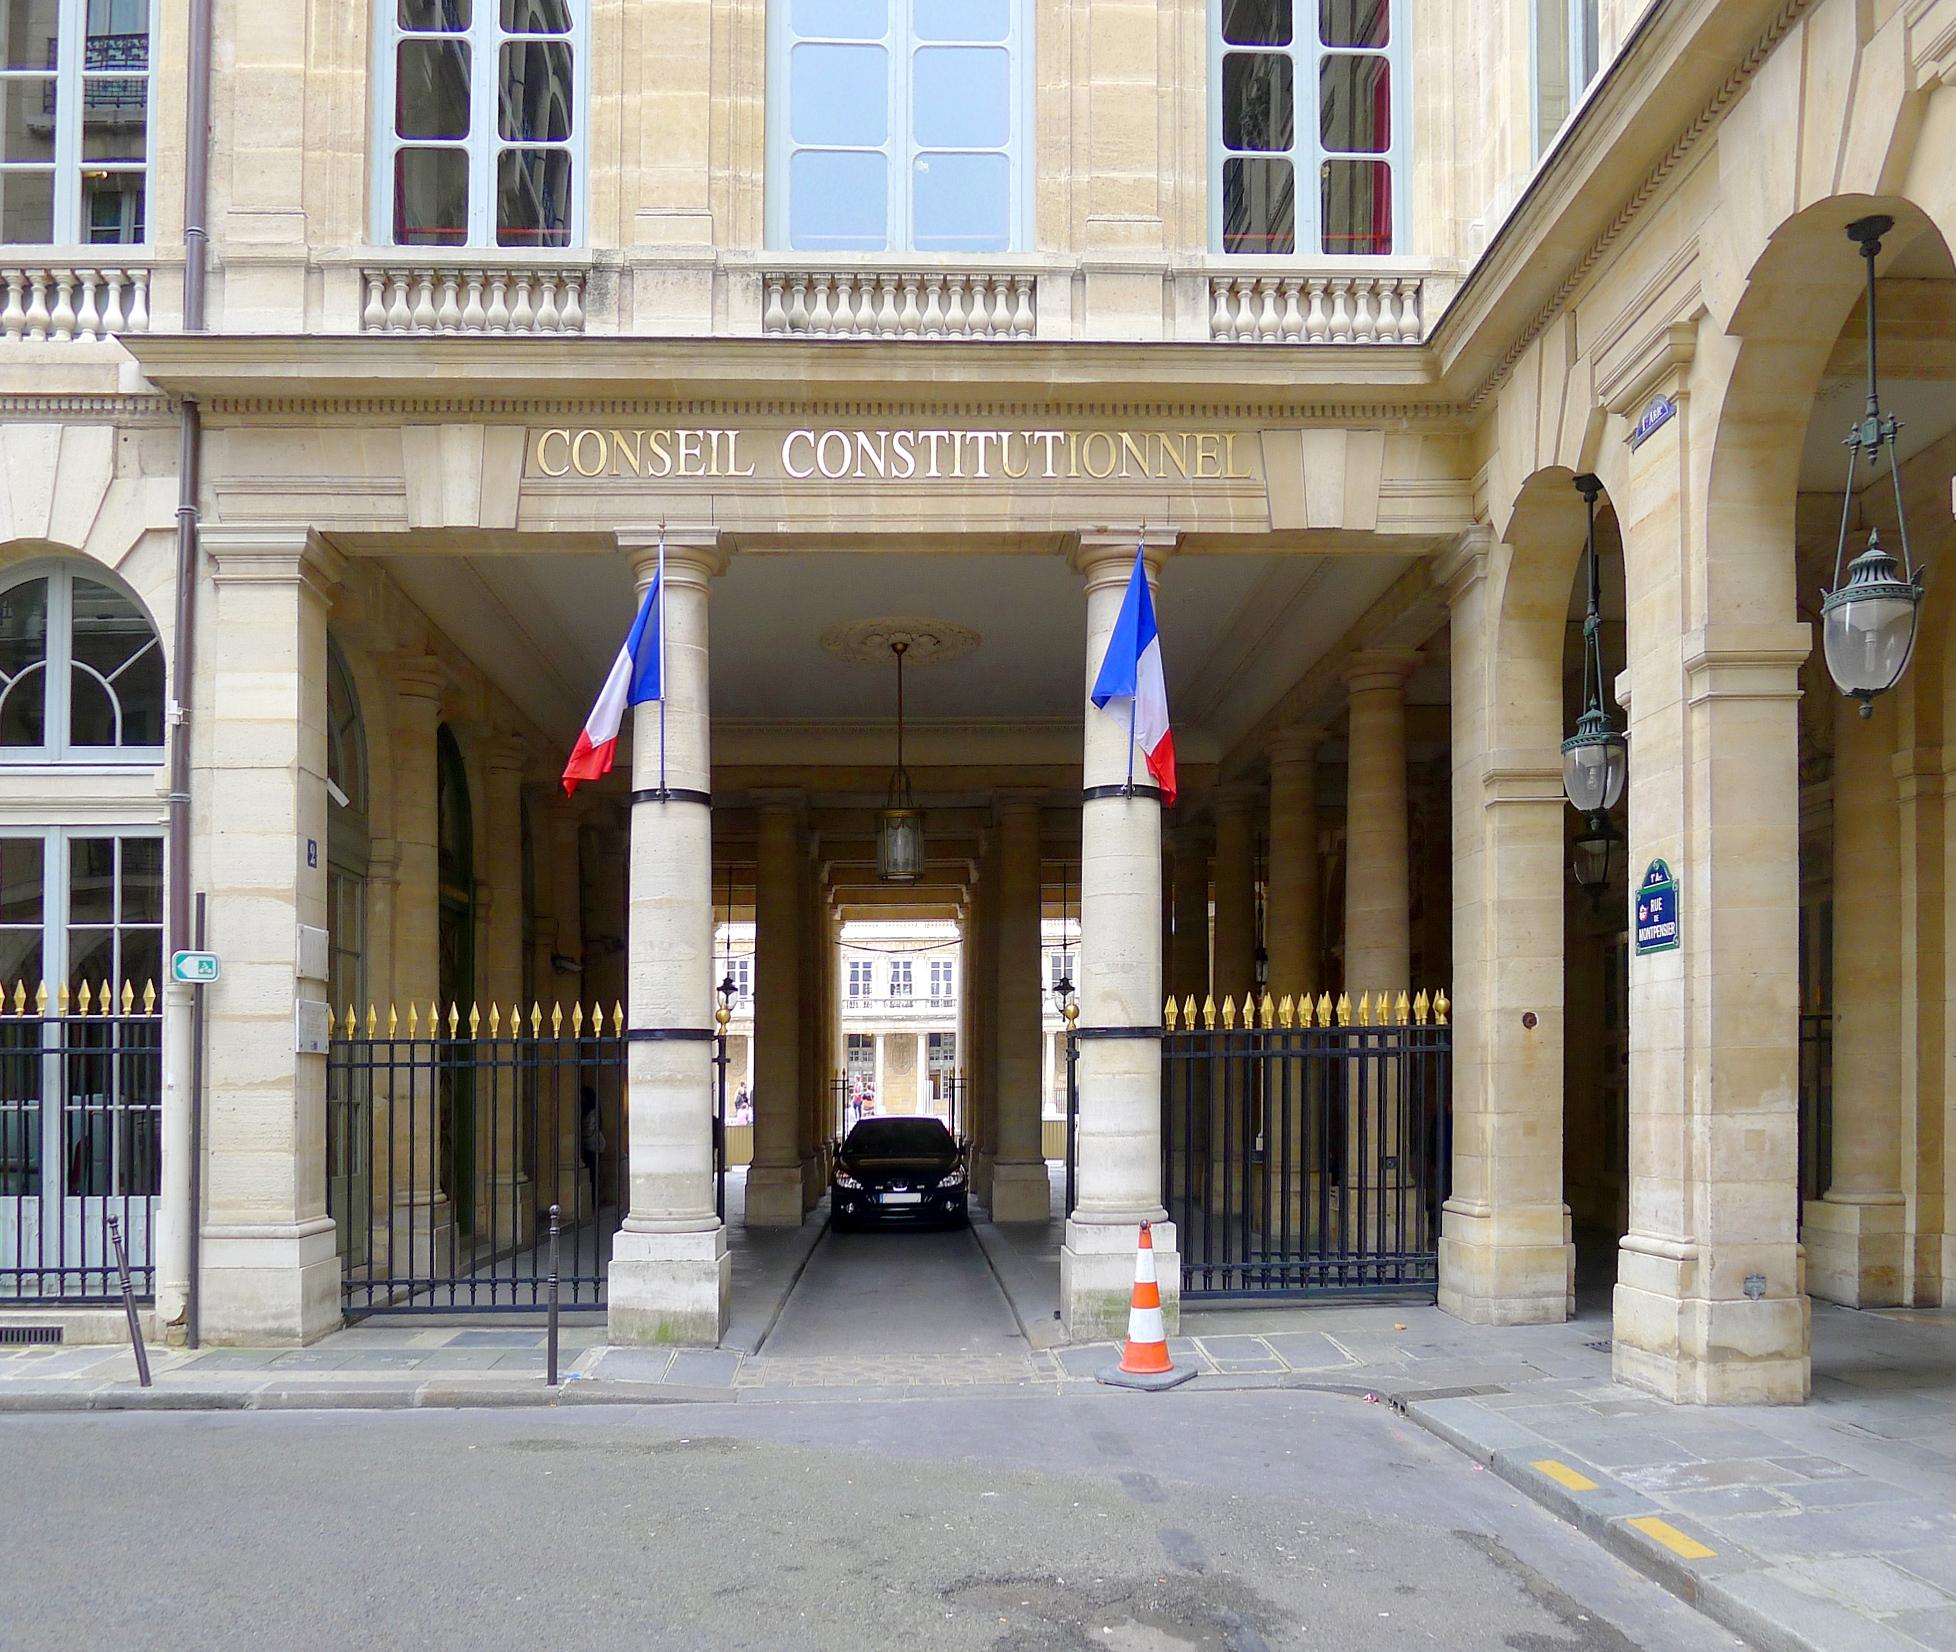 p1050187_paris_ier_rue_de_montpensier_conseil_constitutionnel_rwk.jpg